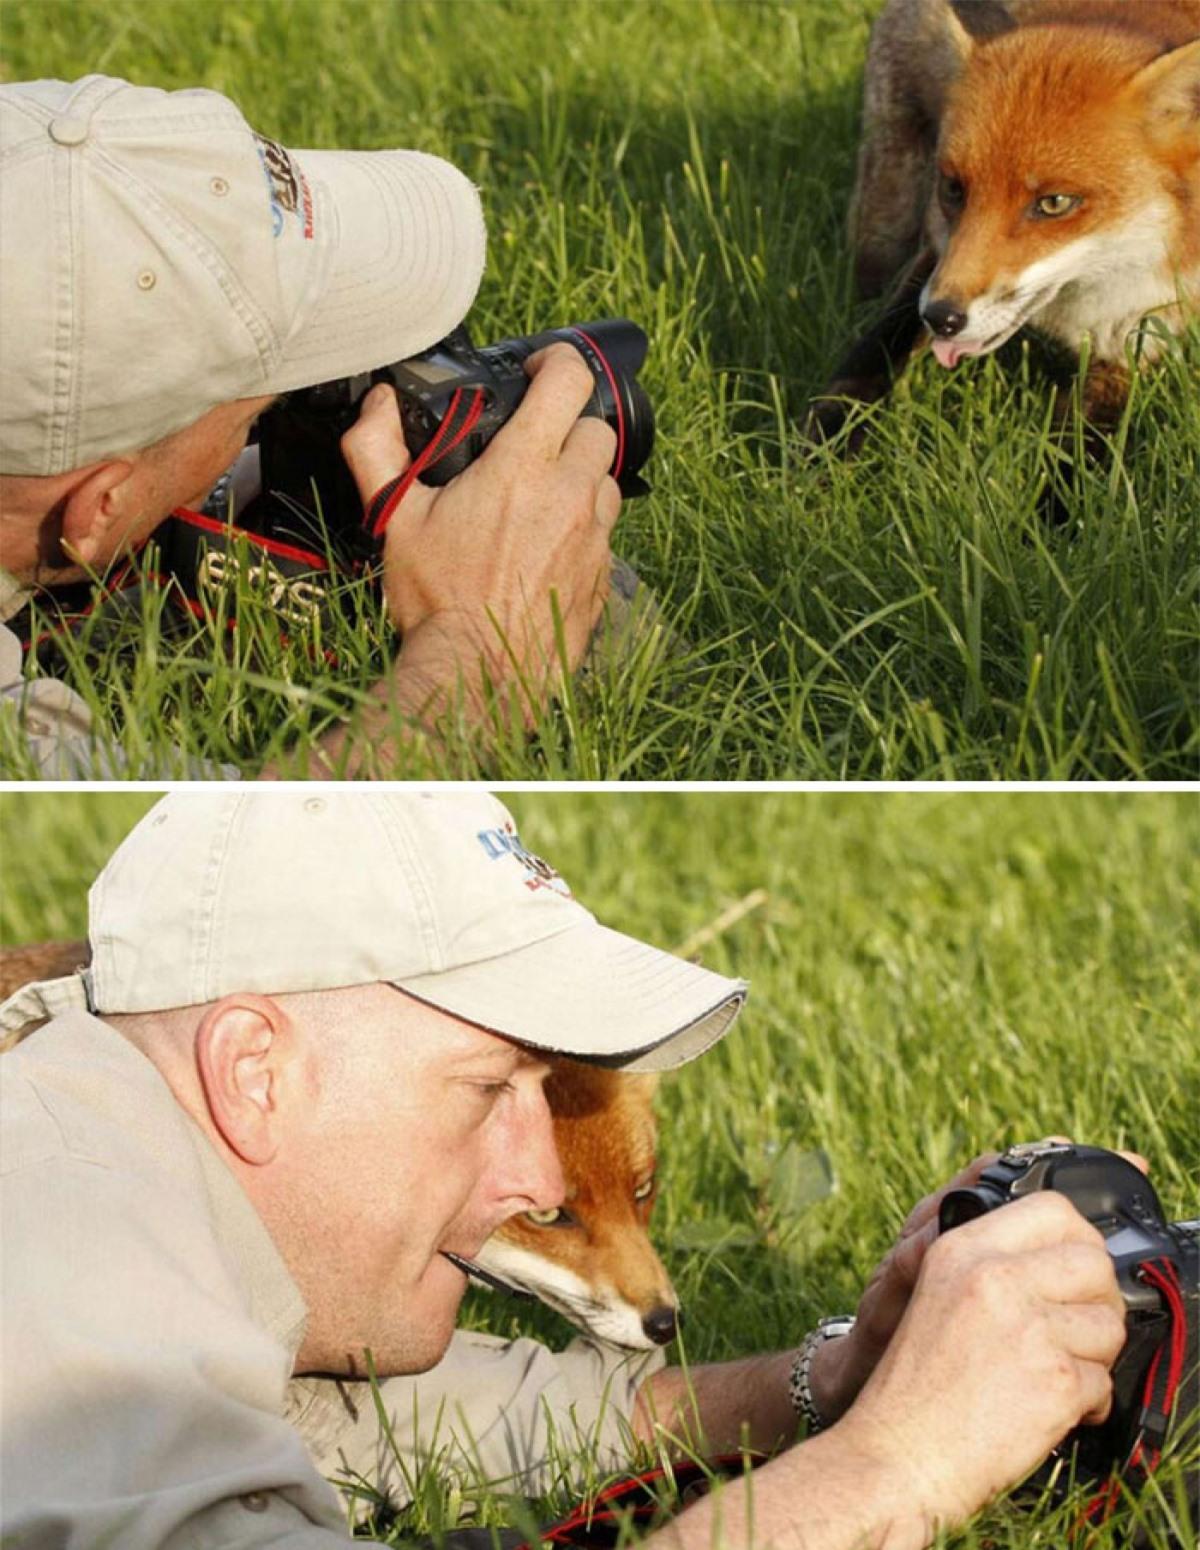 Hãy để tôi xem ông bạn chụp có đẹp không nào!